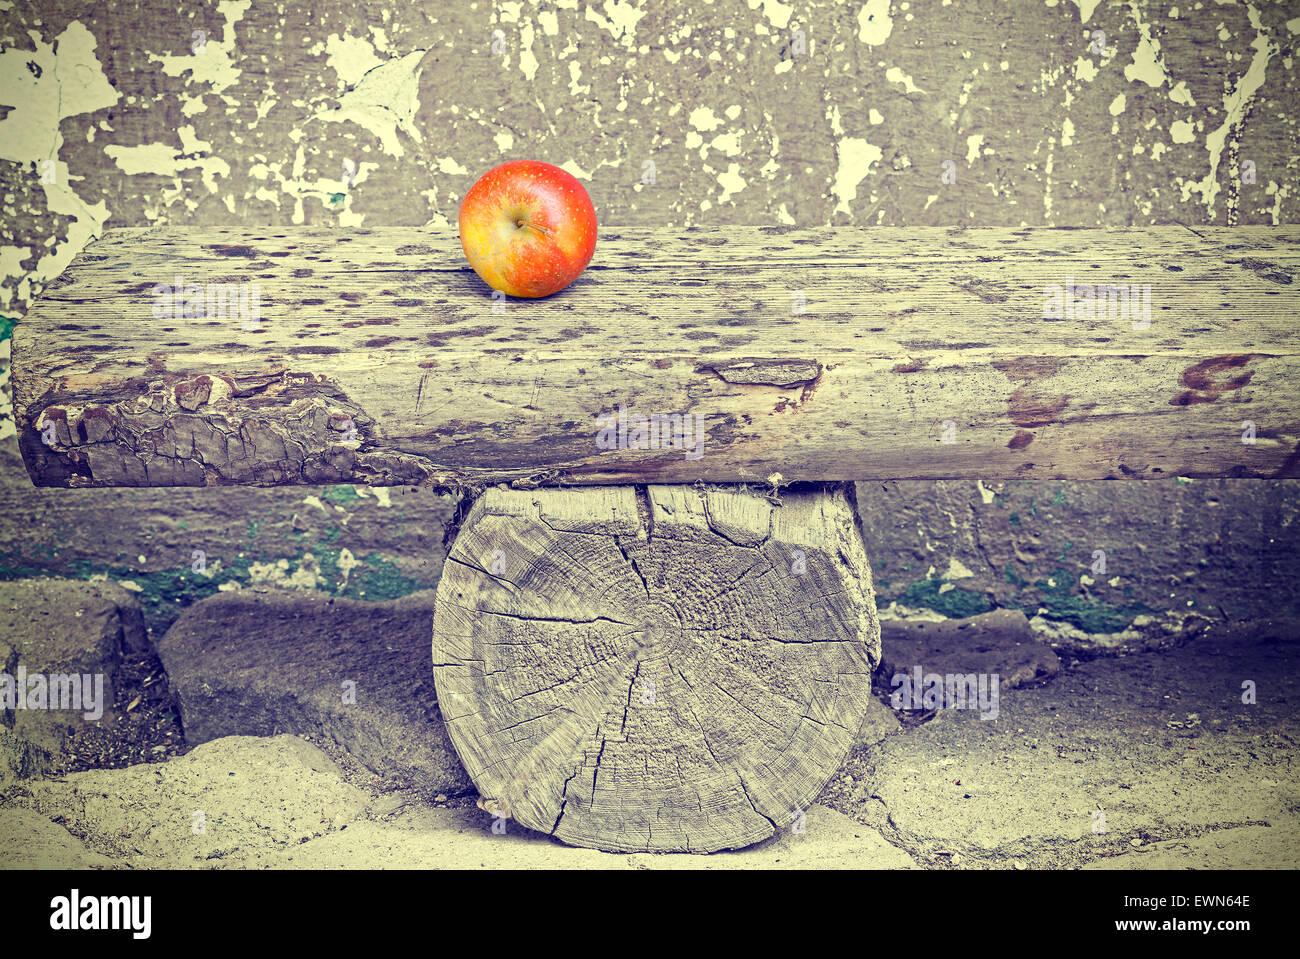 Manzana madura en el viejo banco de madera, pasando tiempo en tonos retro y concepto de envejecimiento. Imagen De Stock